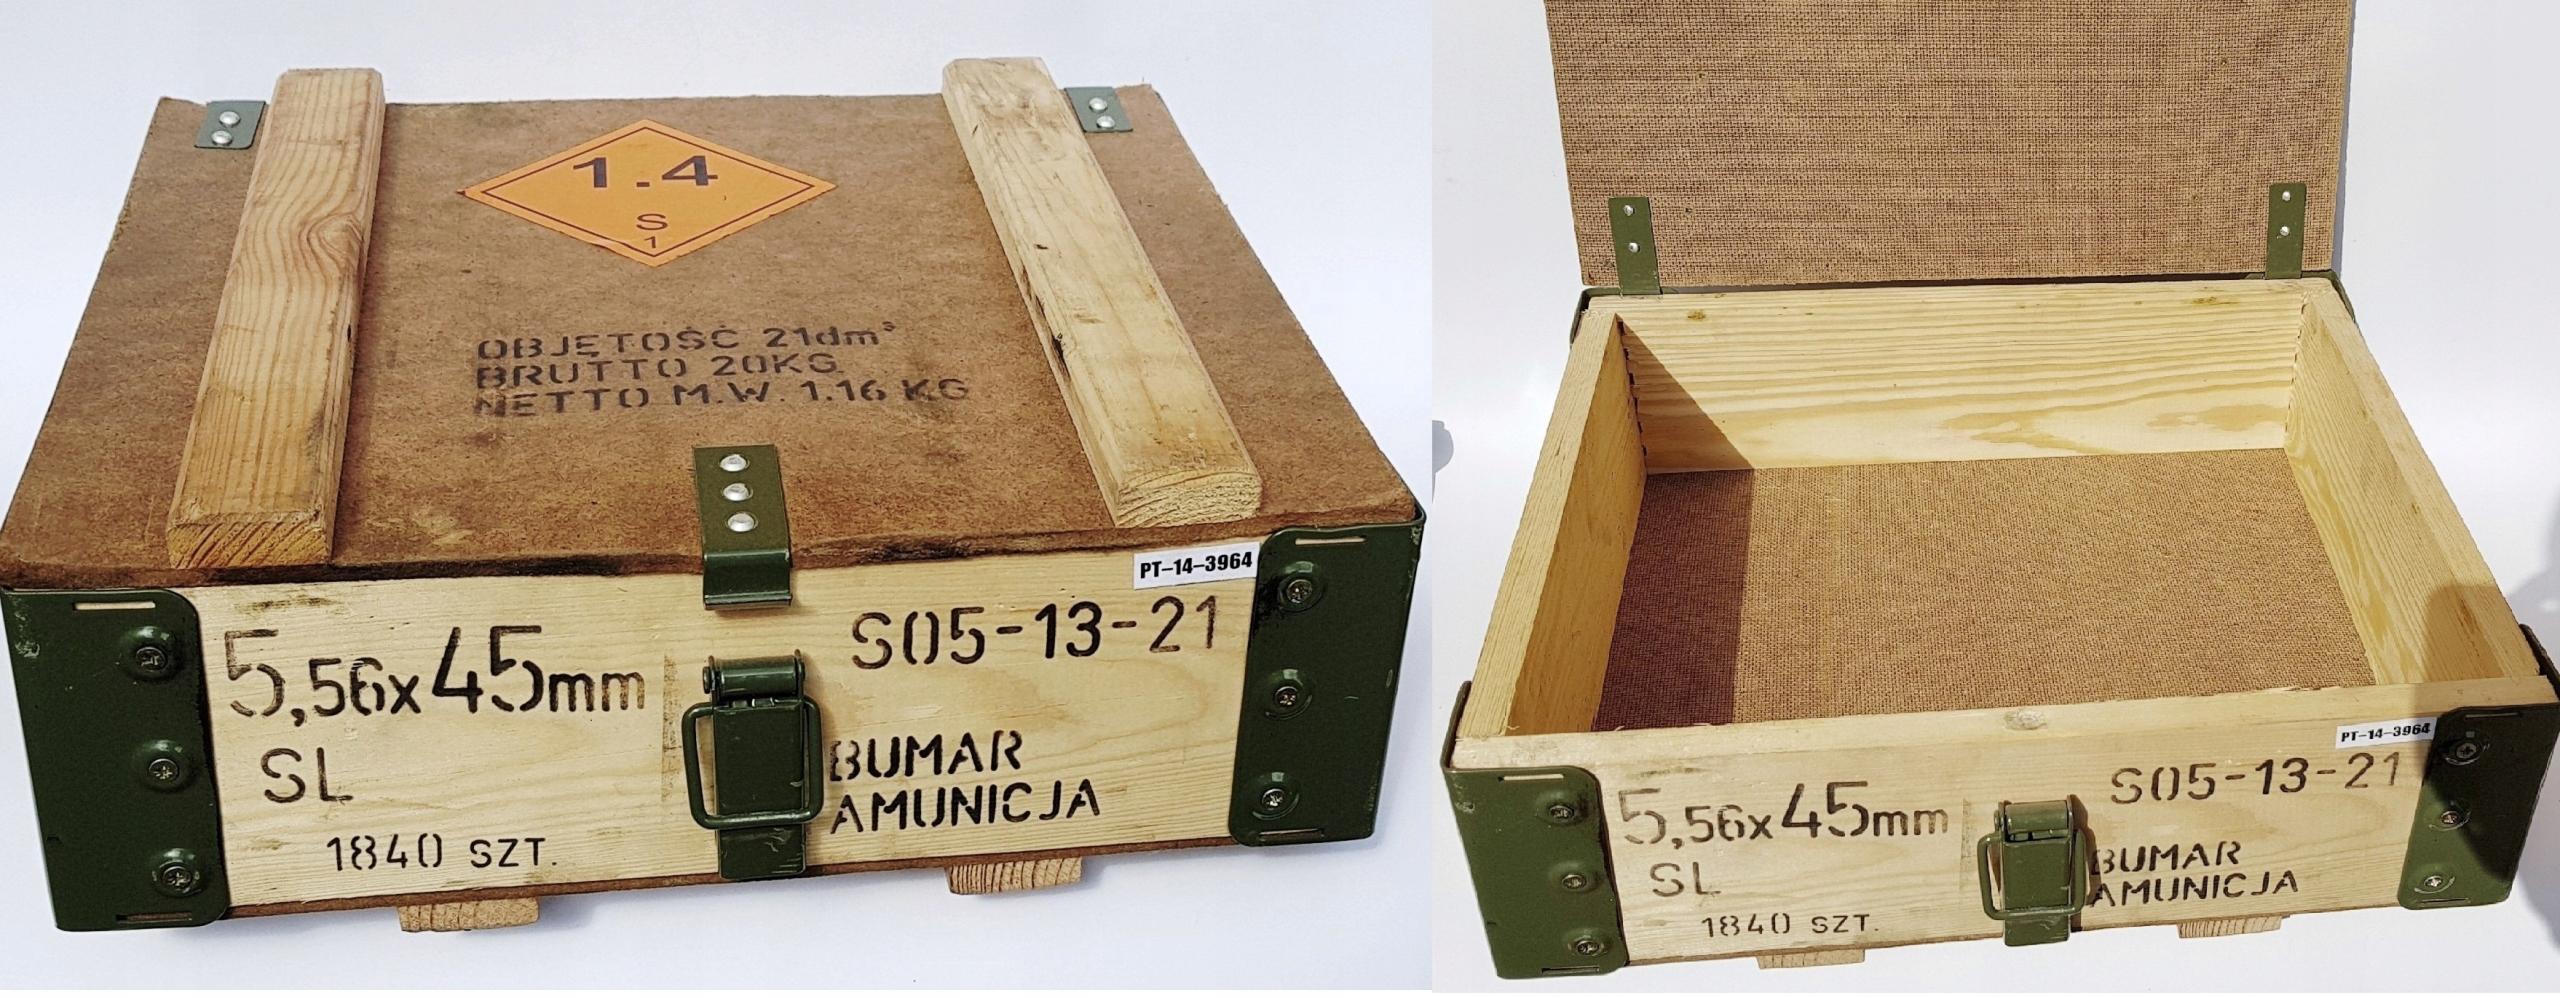 Drevená box pre muníciu